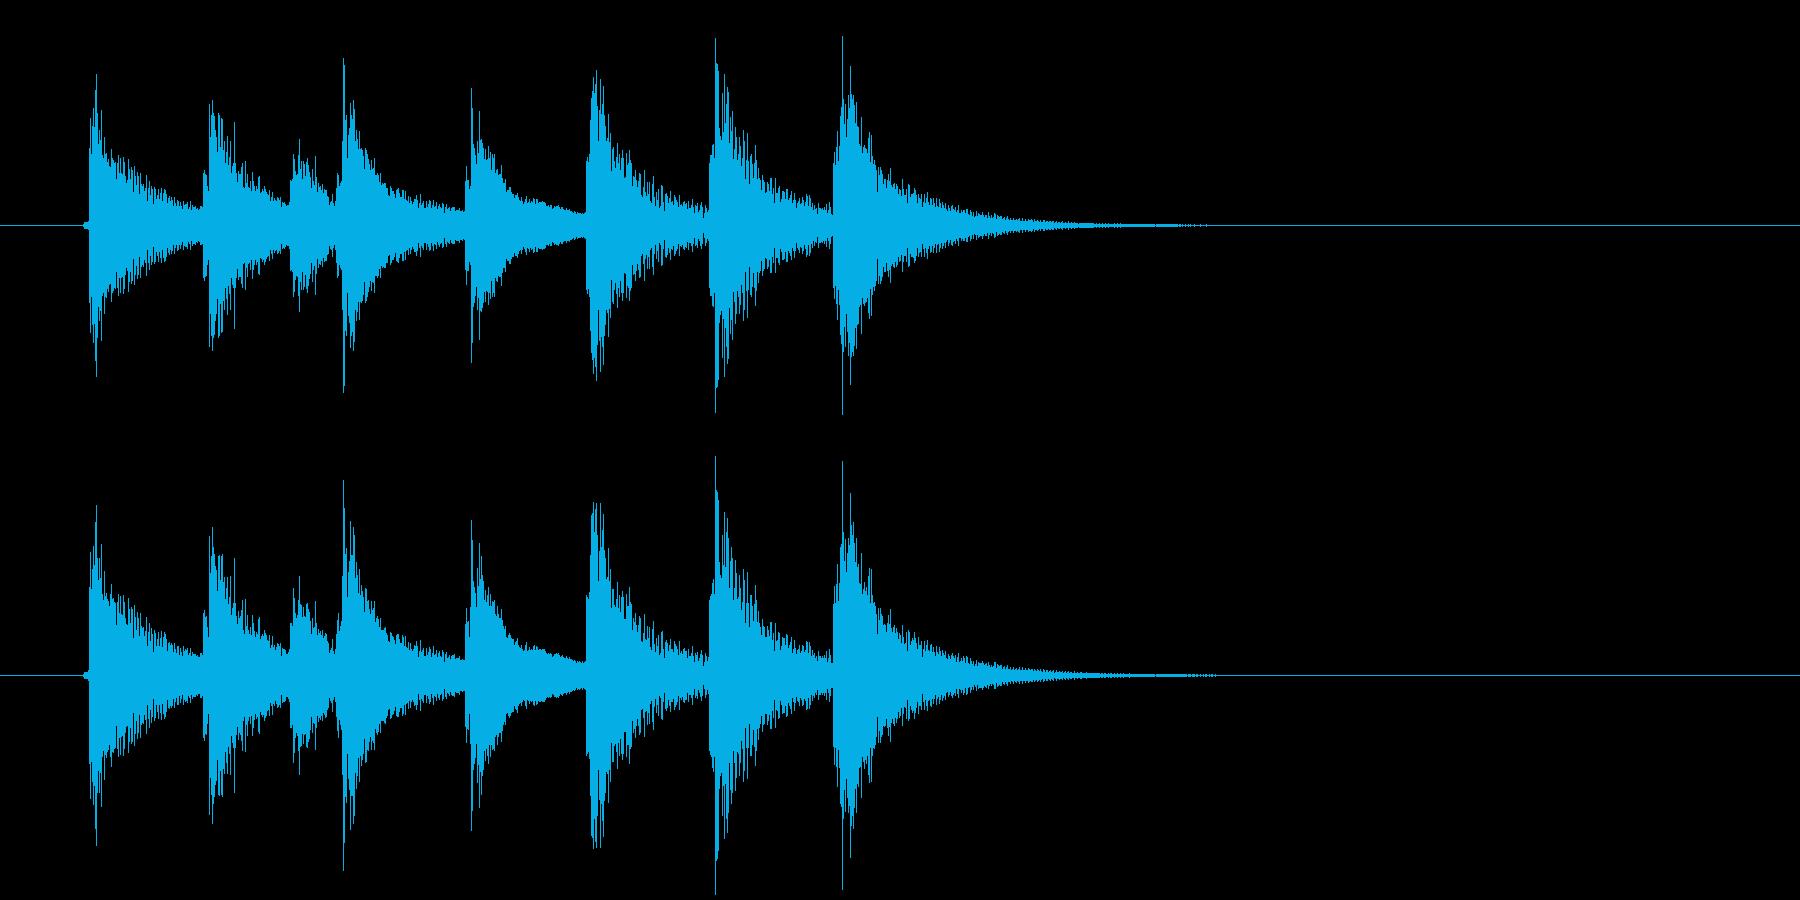 金属/ガラス系打楽器ジングルの再生済みの波形